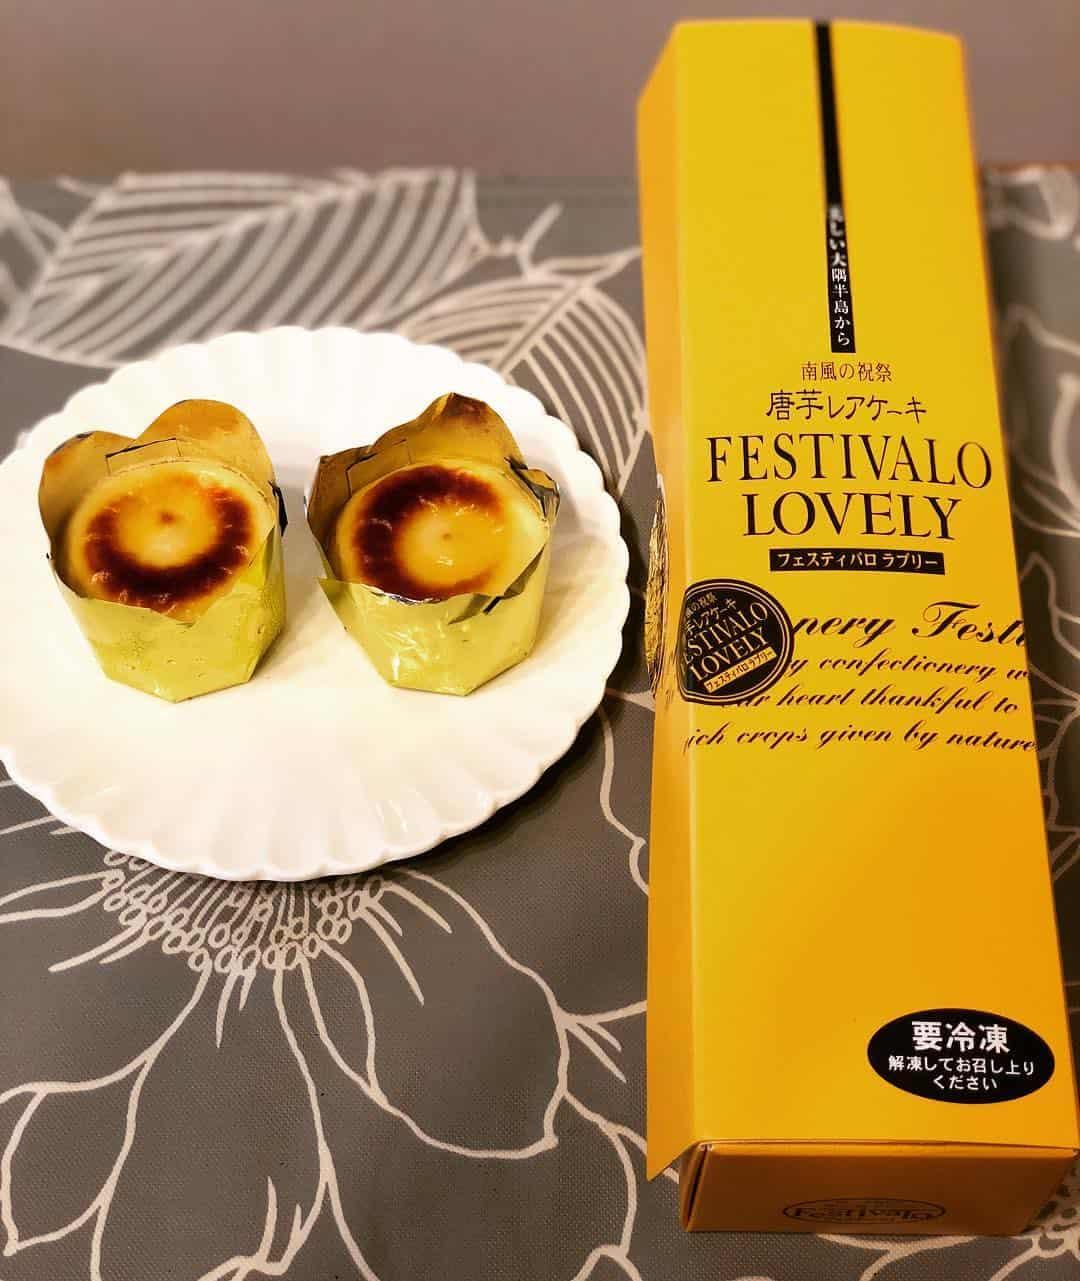 ขนมเฟสติวาโล่เลิฟลี่ (Festival Lovaly)